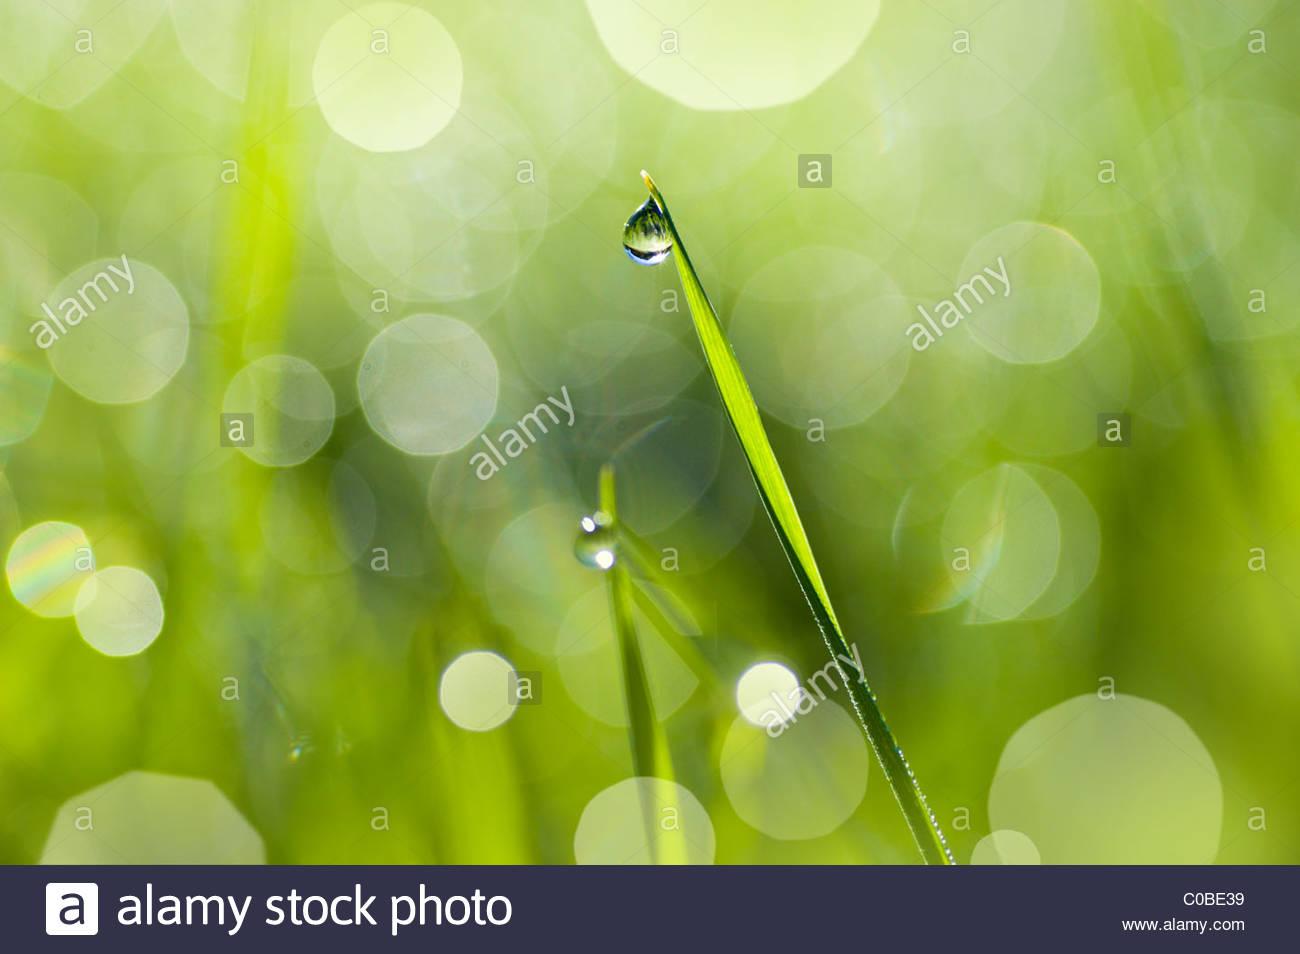 Gros plan d'une goutte de rosée sur un brin d'herbe. Banque D'Images